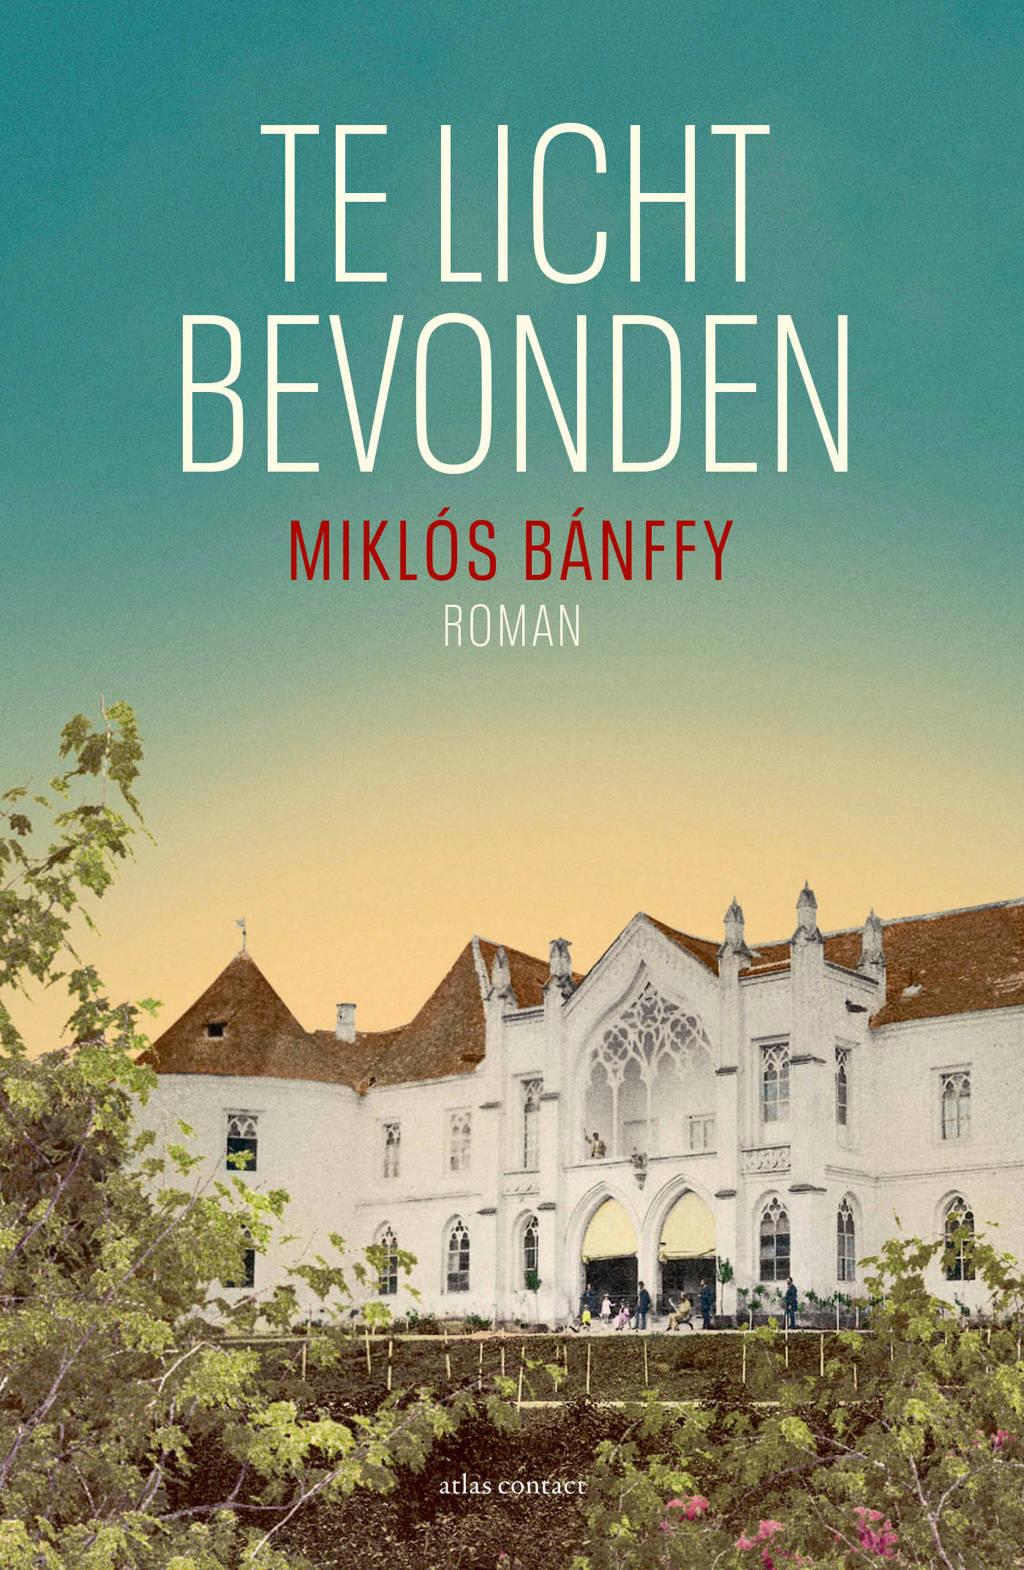 Te licht bevonden - Miklós Bánffy